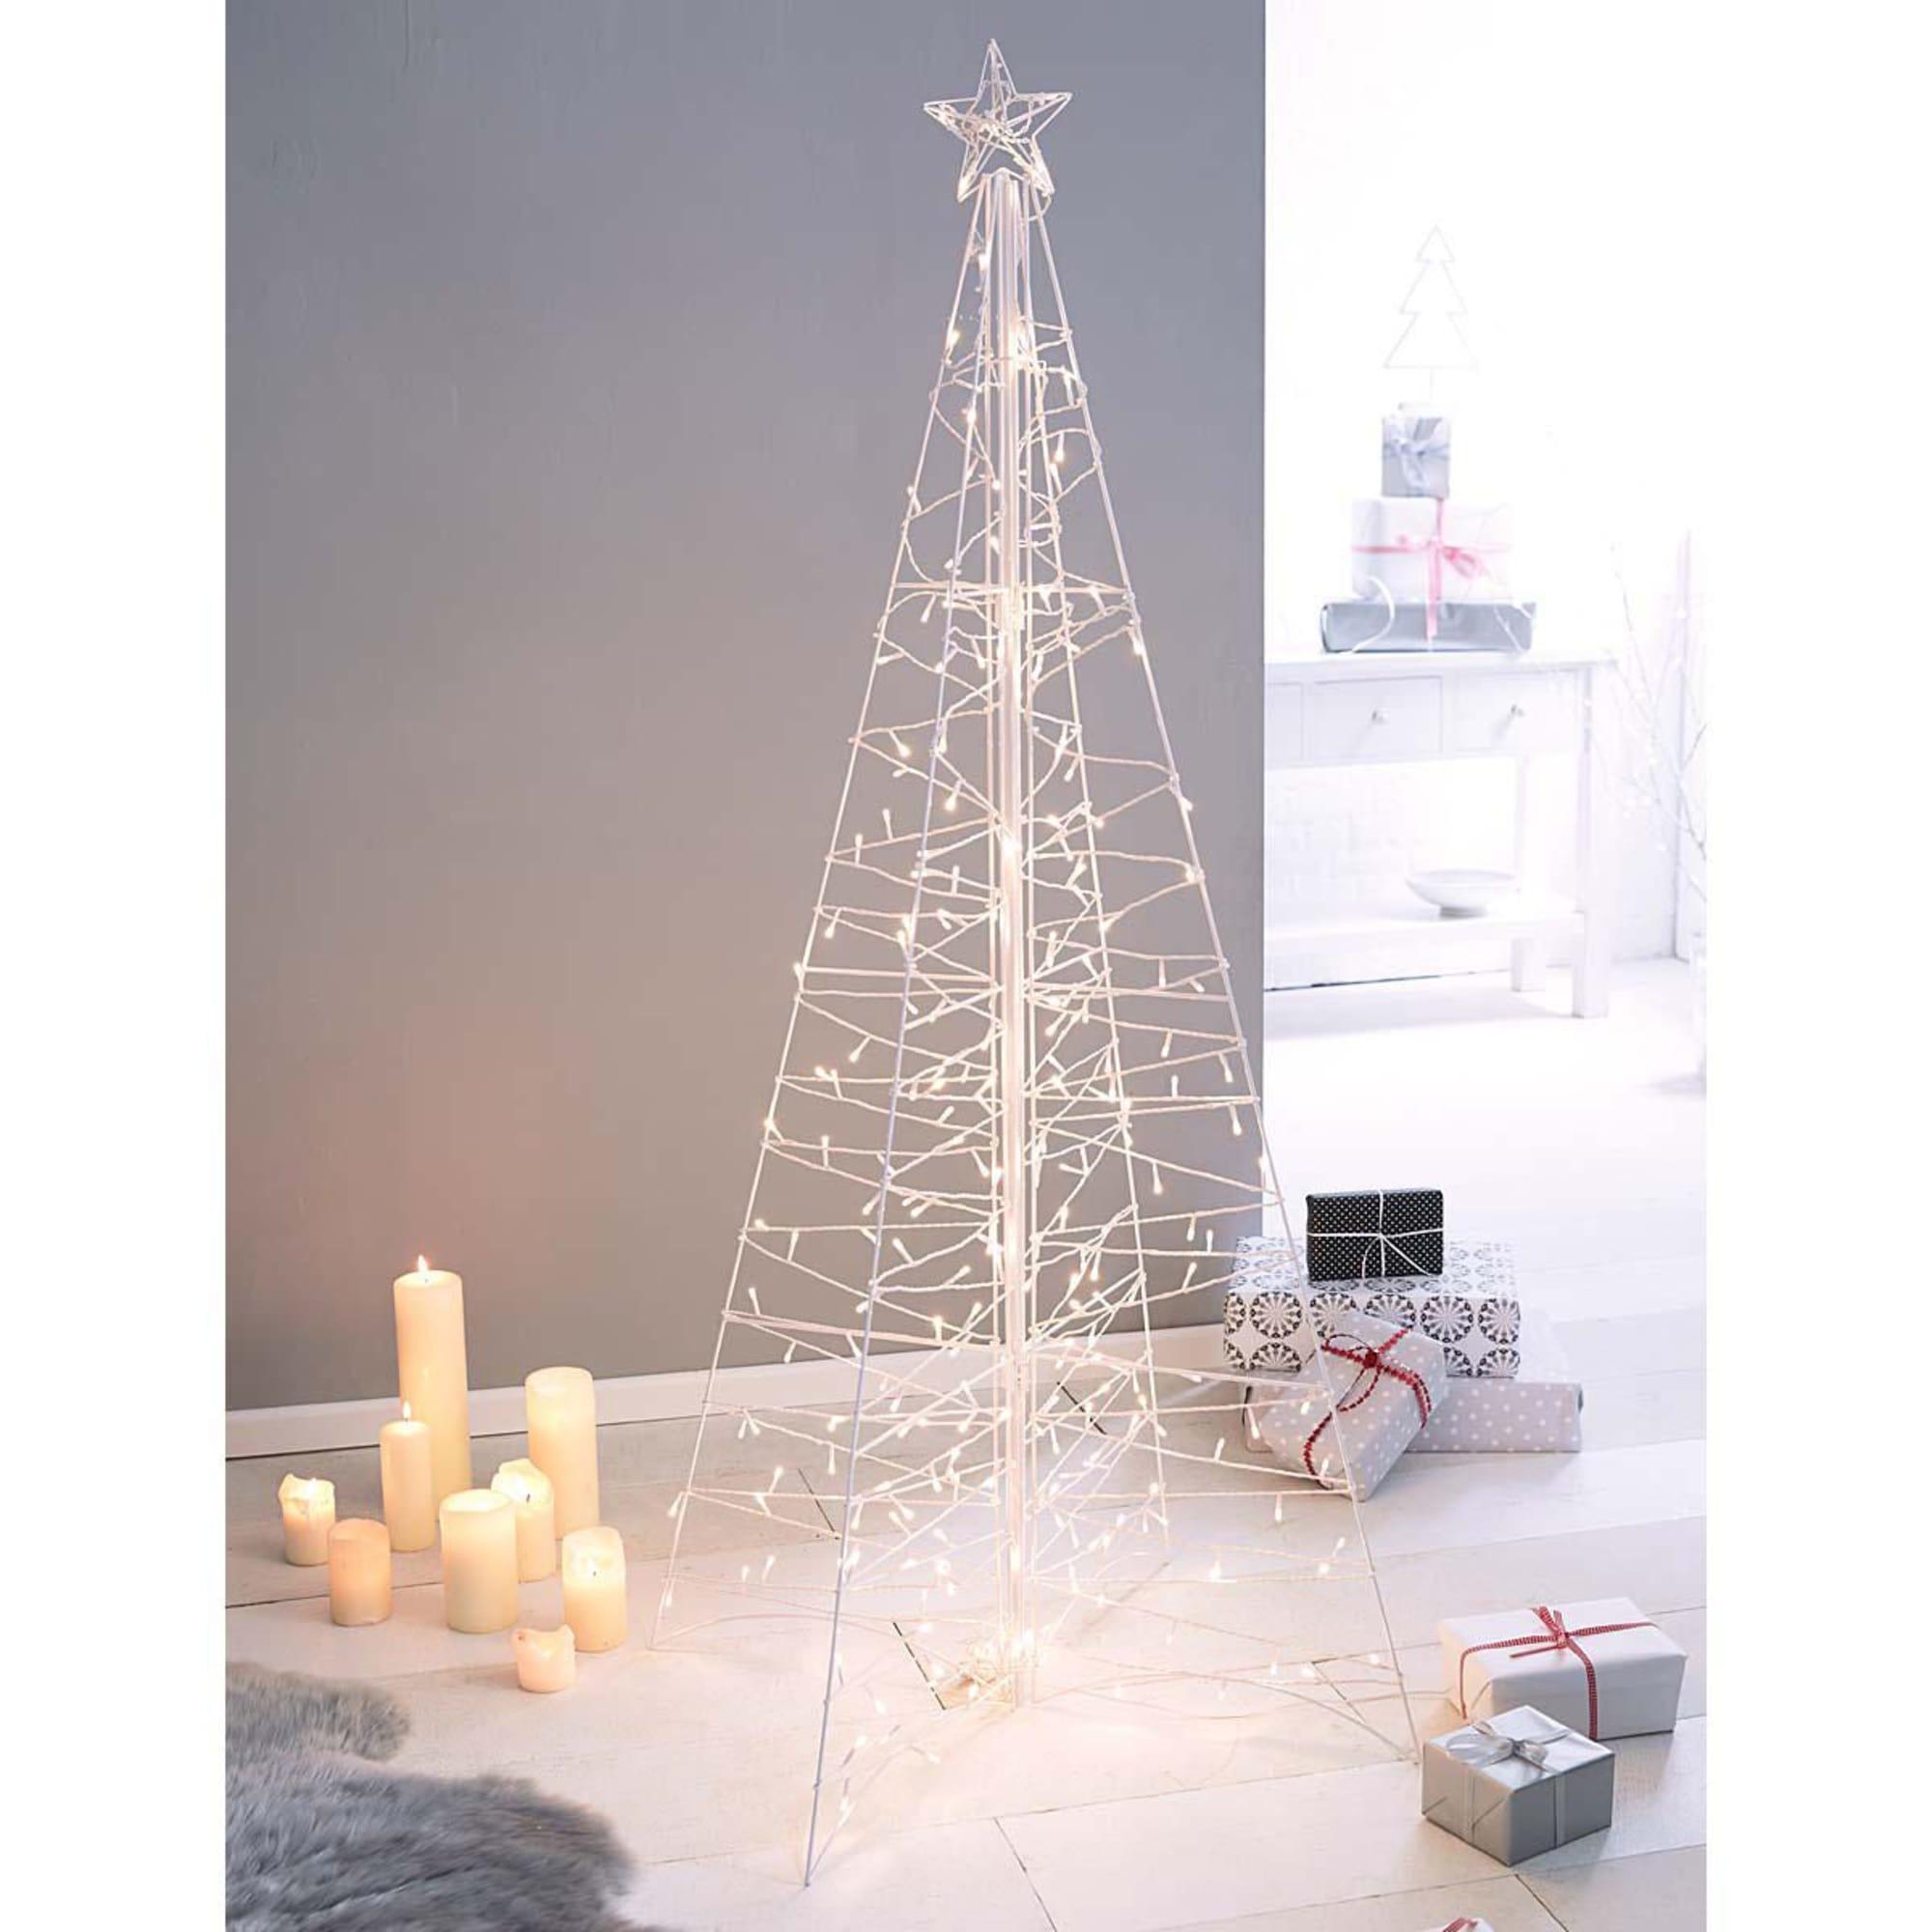 beleuchtete Weihnachts-Pyramide, 264 Lichter, Metall